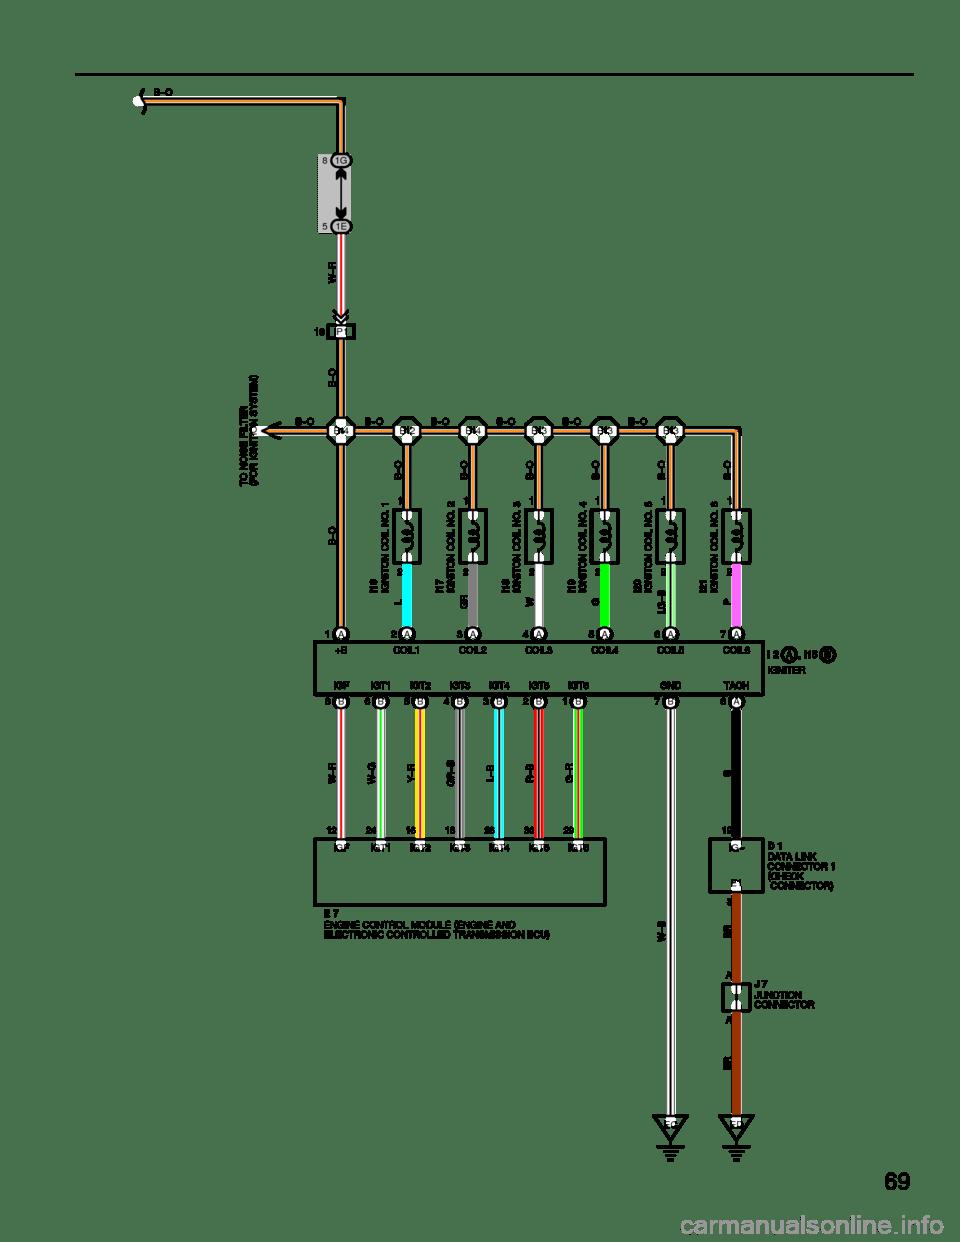 2b1 wiring diagram repair manual